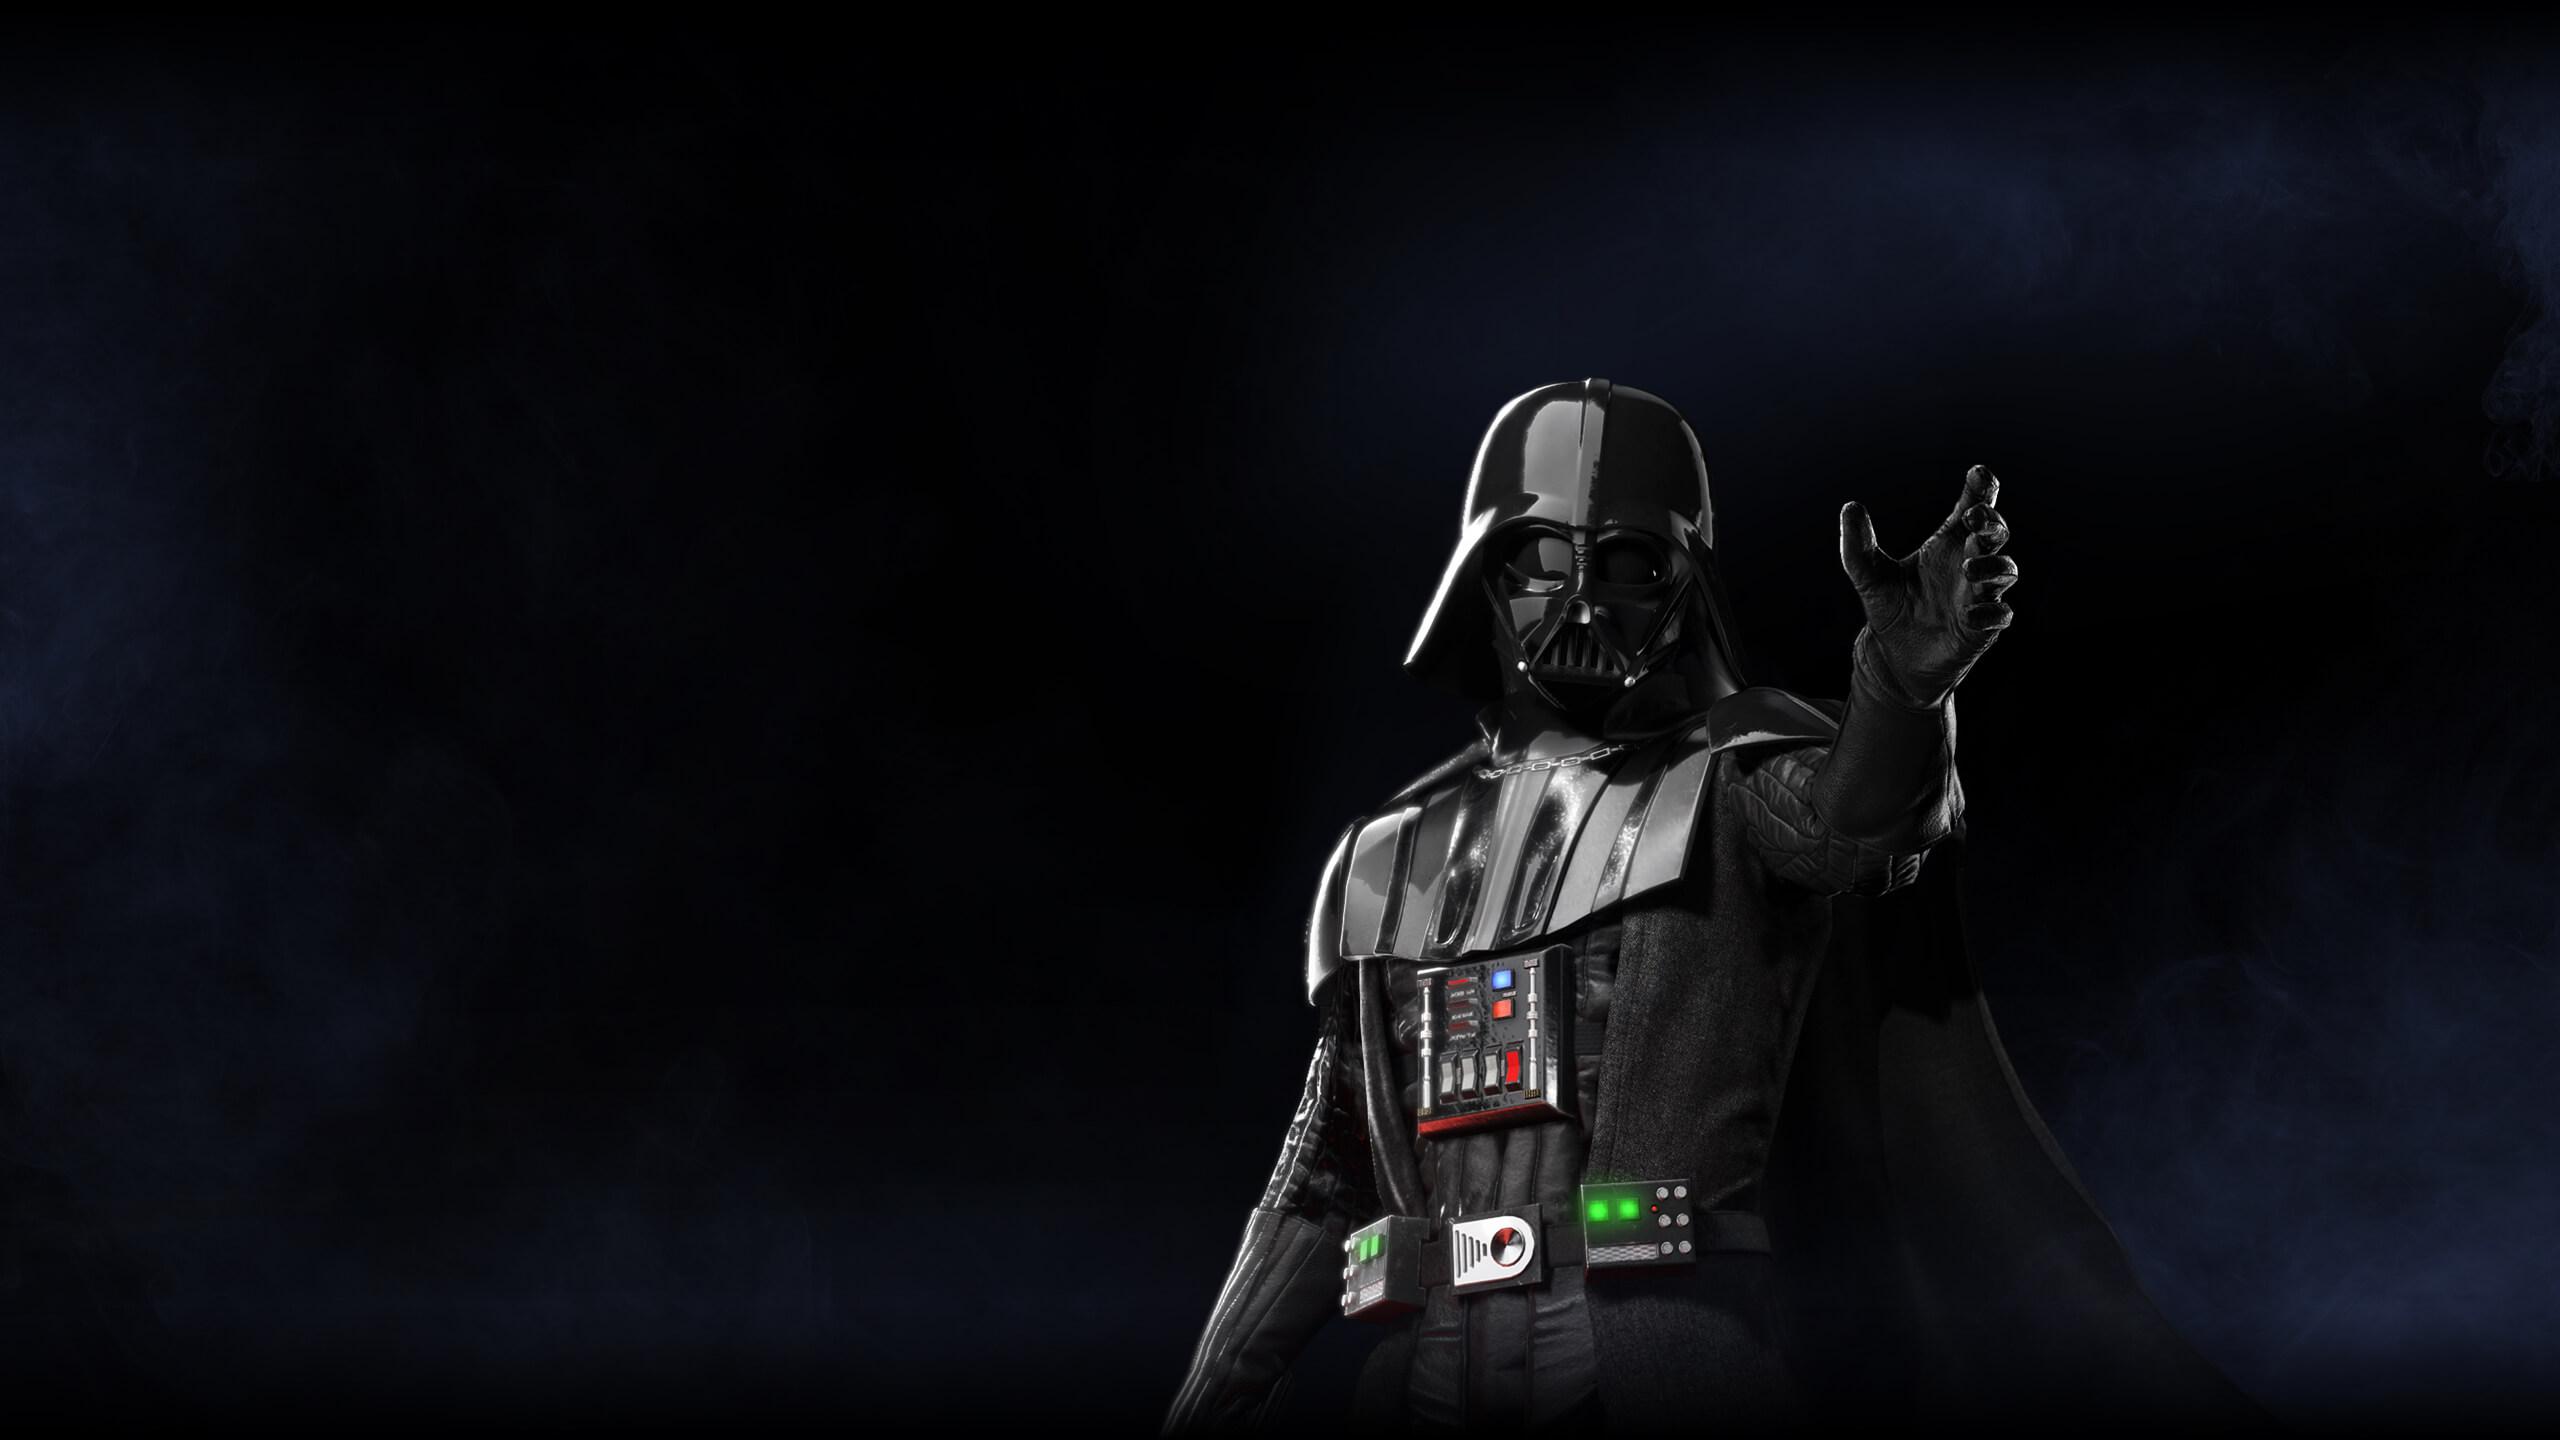 Star wars battlefront 2 les pouvoirs de dark vador - Image dark vador ...